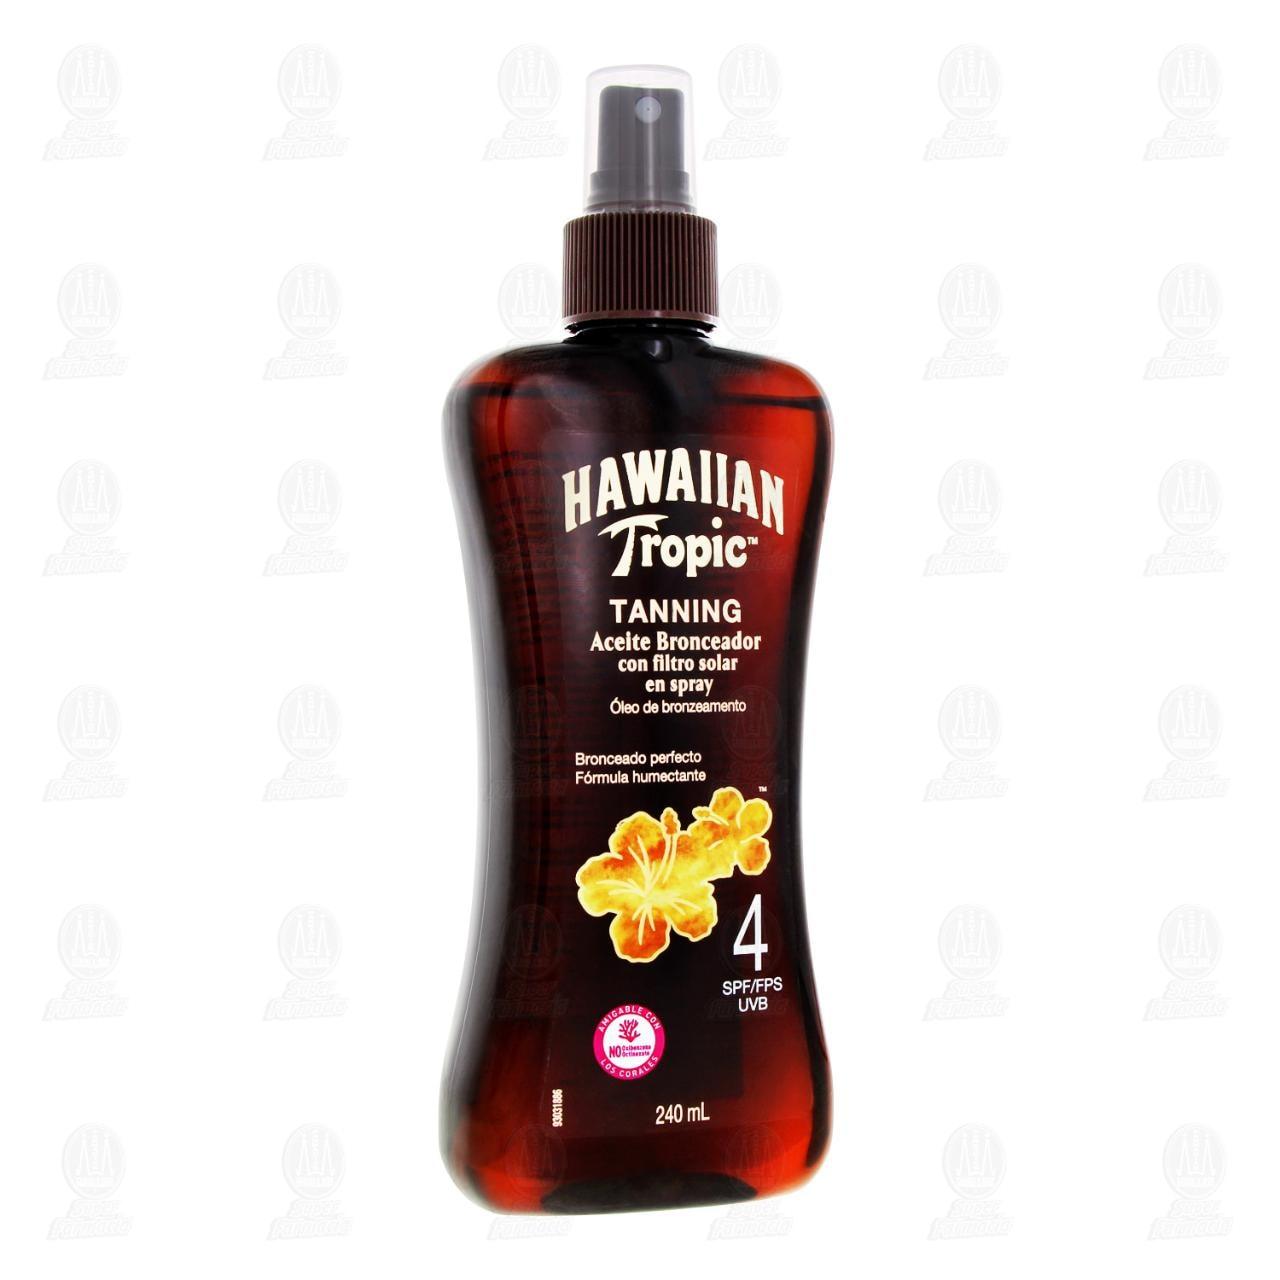 Aceite Bronceador Hawaiian Tropic con Filtro Solar en Spray FPS 4, 240 ml.